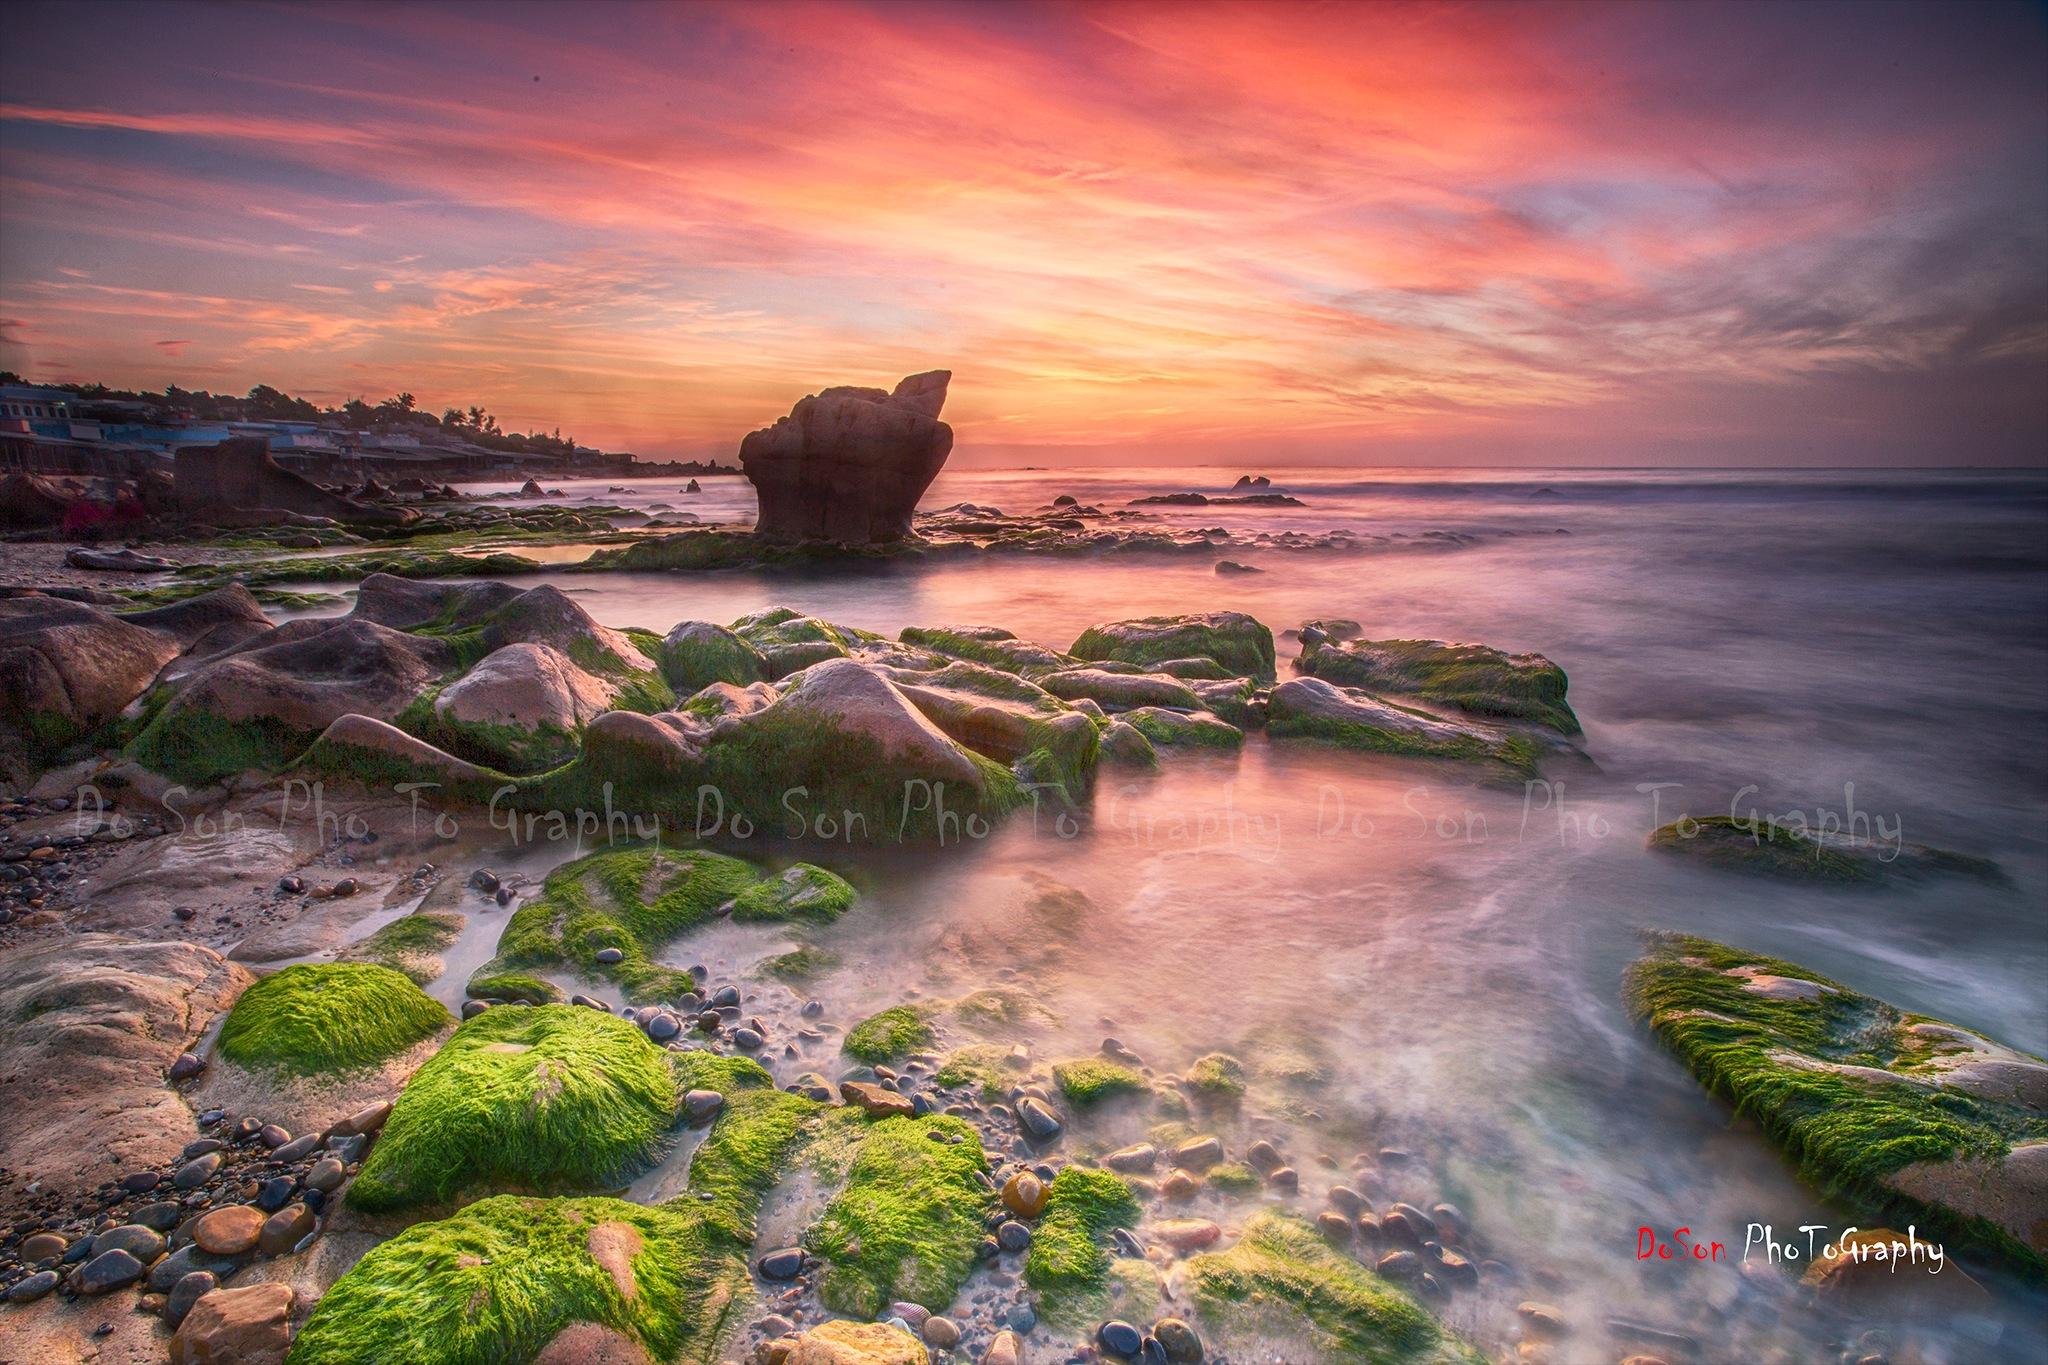 Bình Minh Thạch Bích by thaison